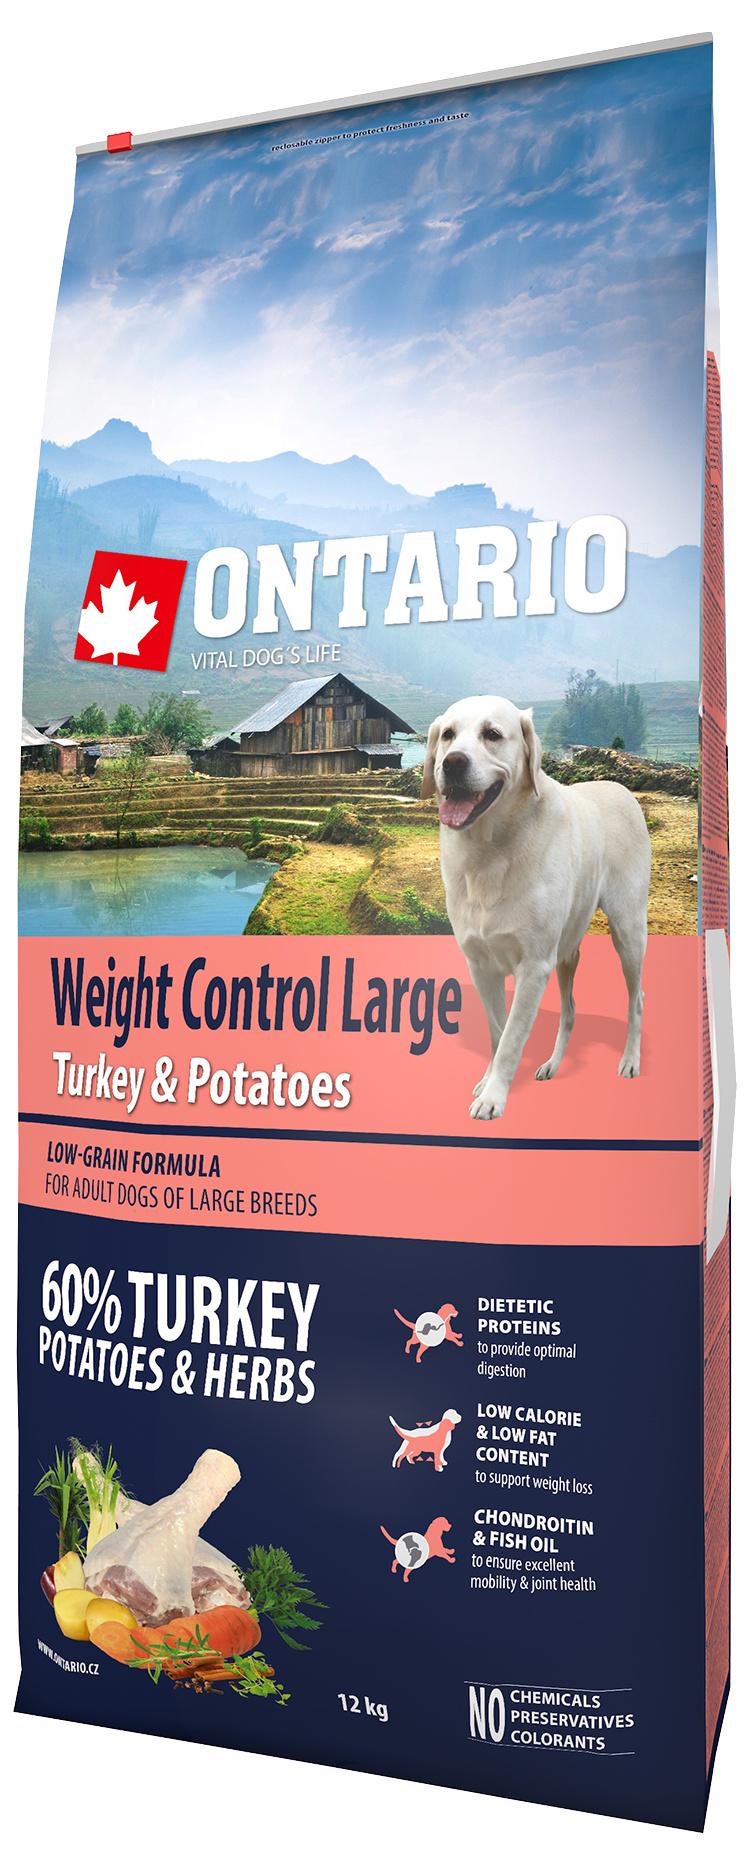 Barība suņiem - ONTARIO Large Weight Control Turkey & Potatoes, 12 kg